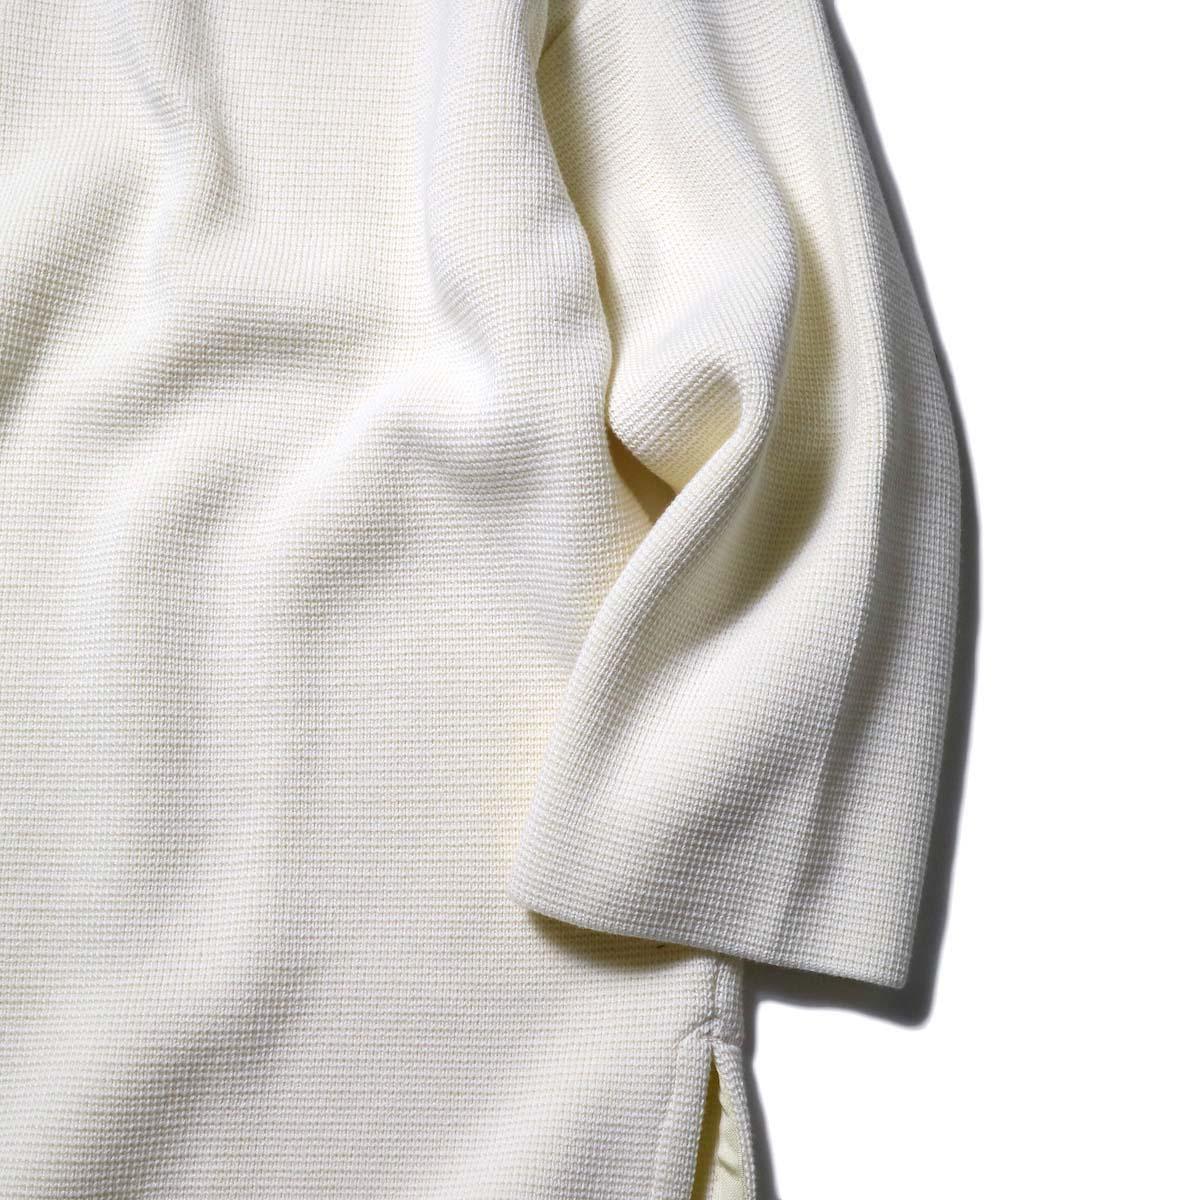 alvana / MILANO 2WAY TUNIC P.O (Ivory)袖、裾